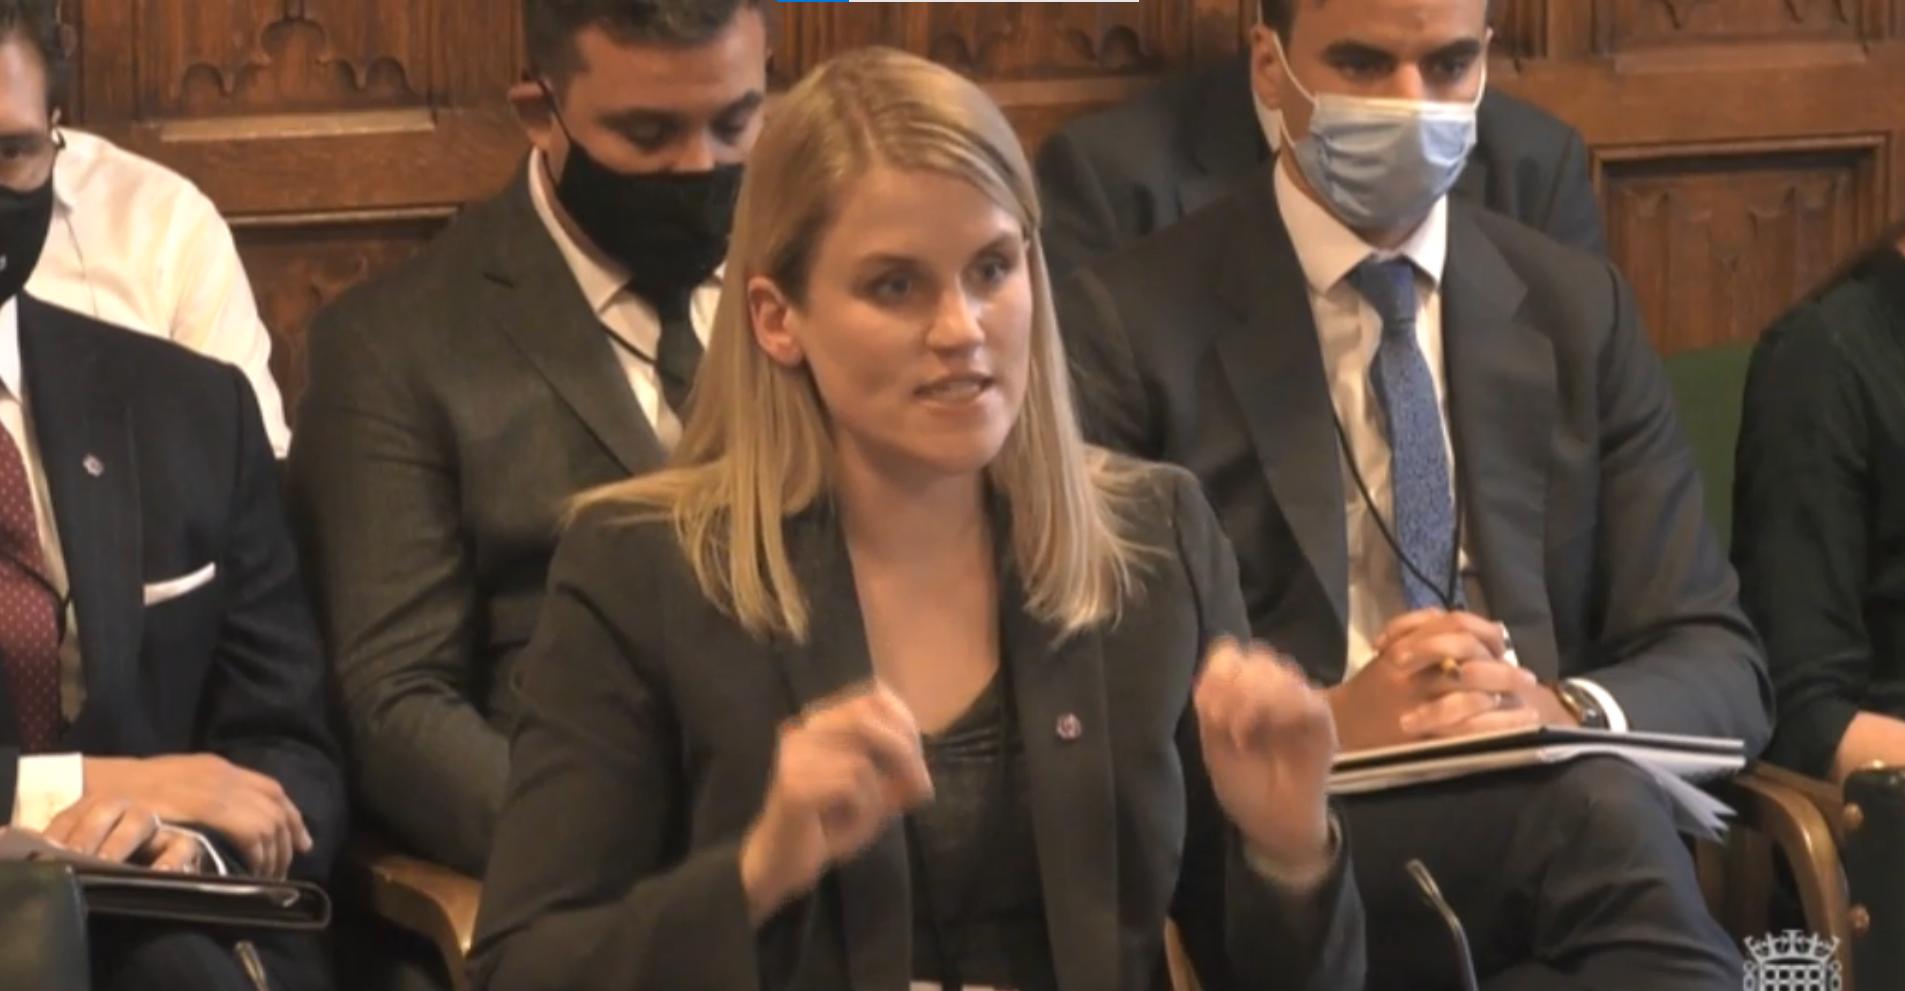 Anggota parlemen SNP yang menghadapi pelecehan homofobik mempertanyakan pelapor Facebook tentang apakah platform 'jahat'